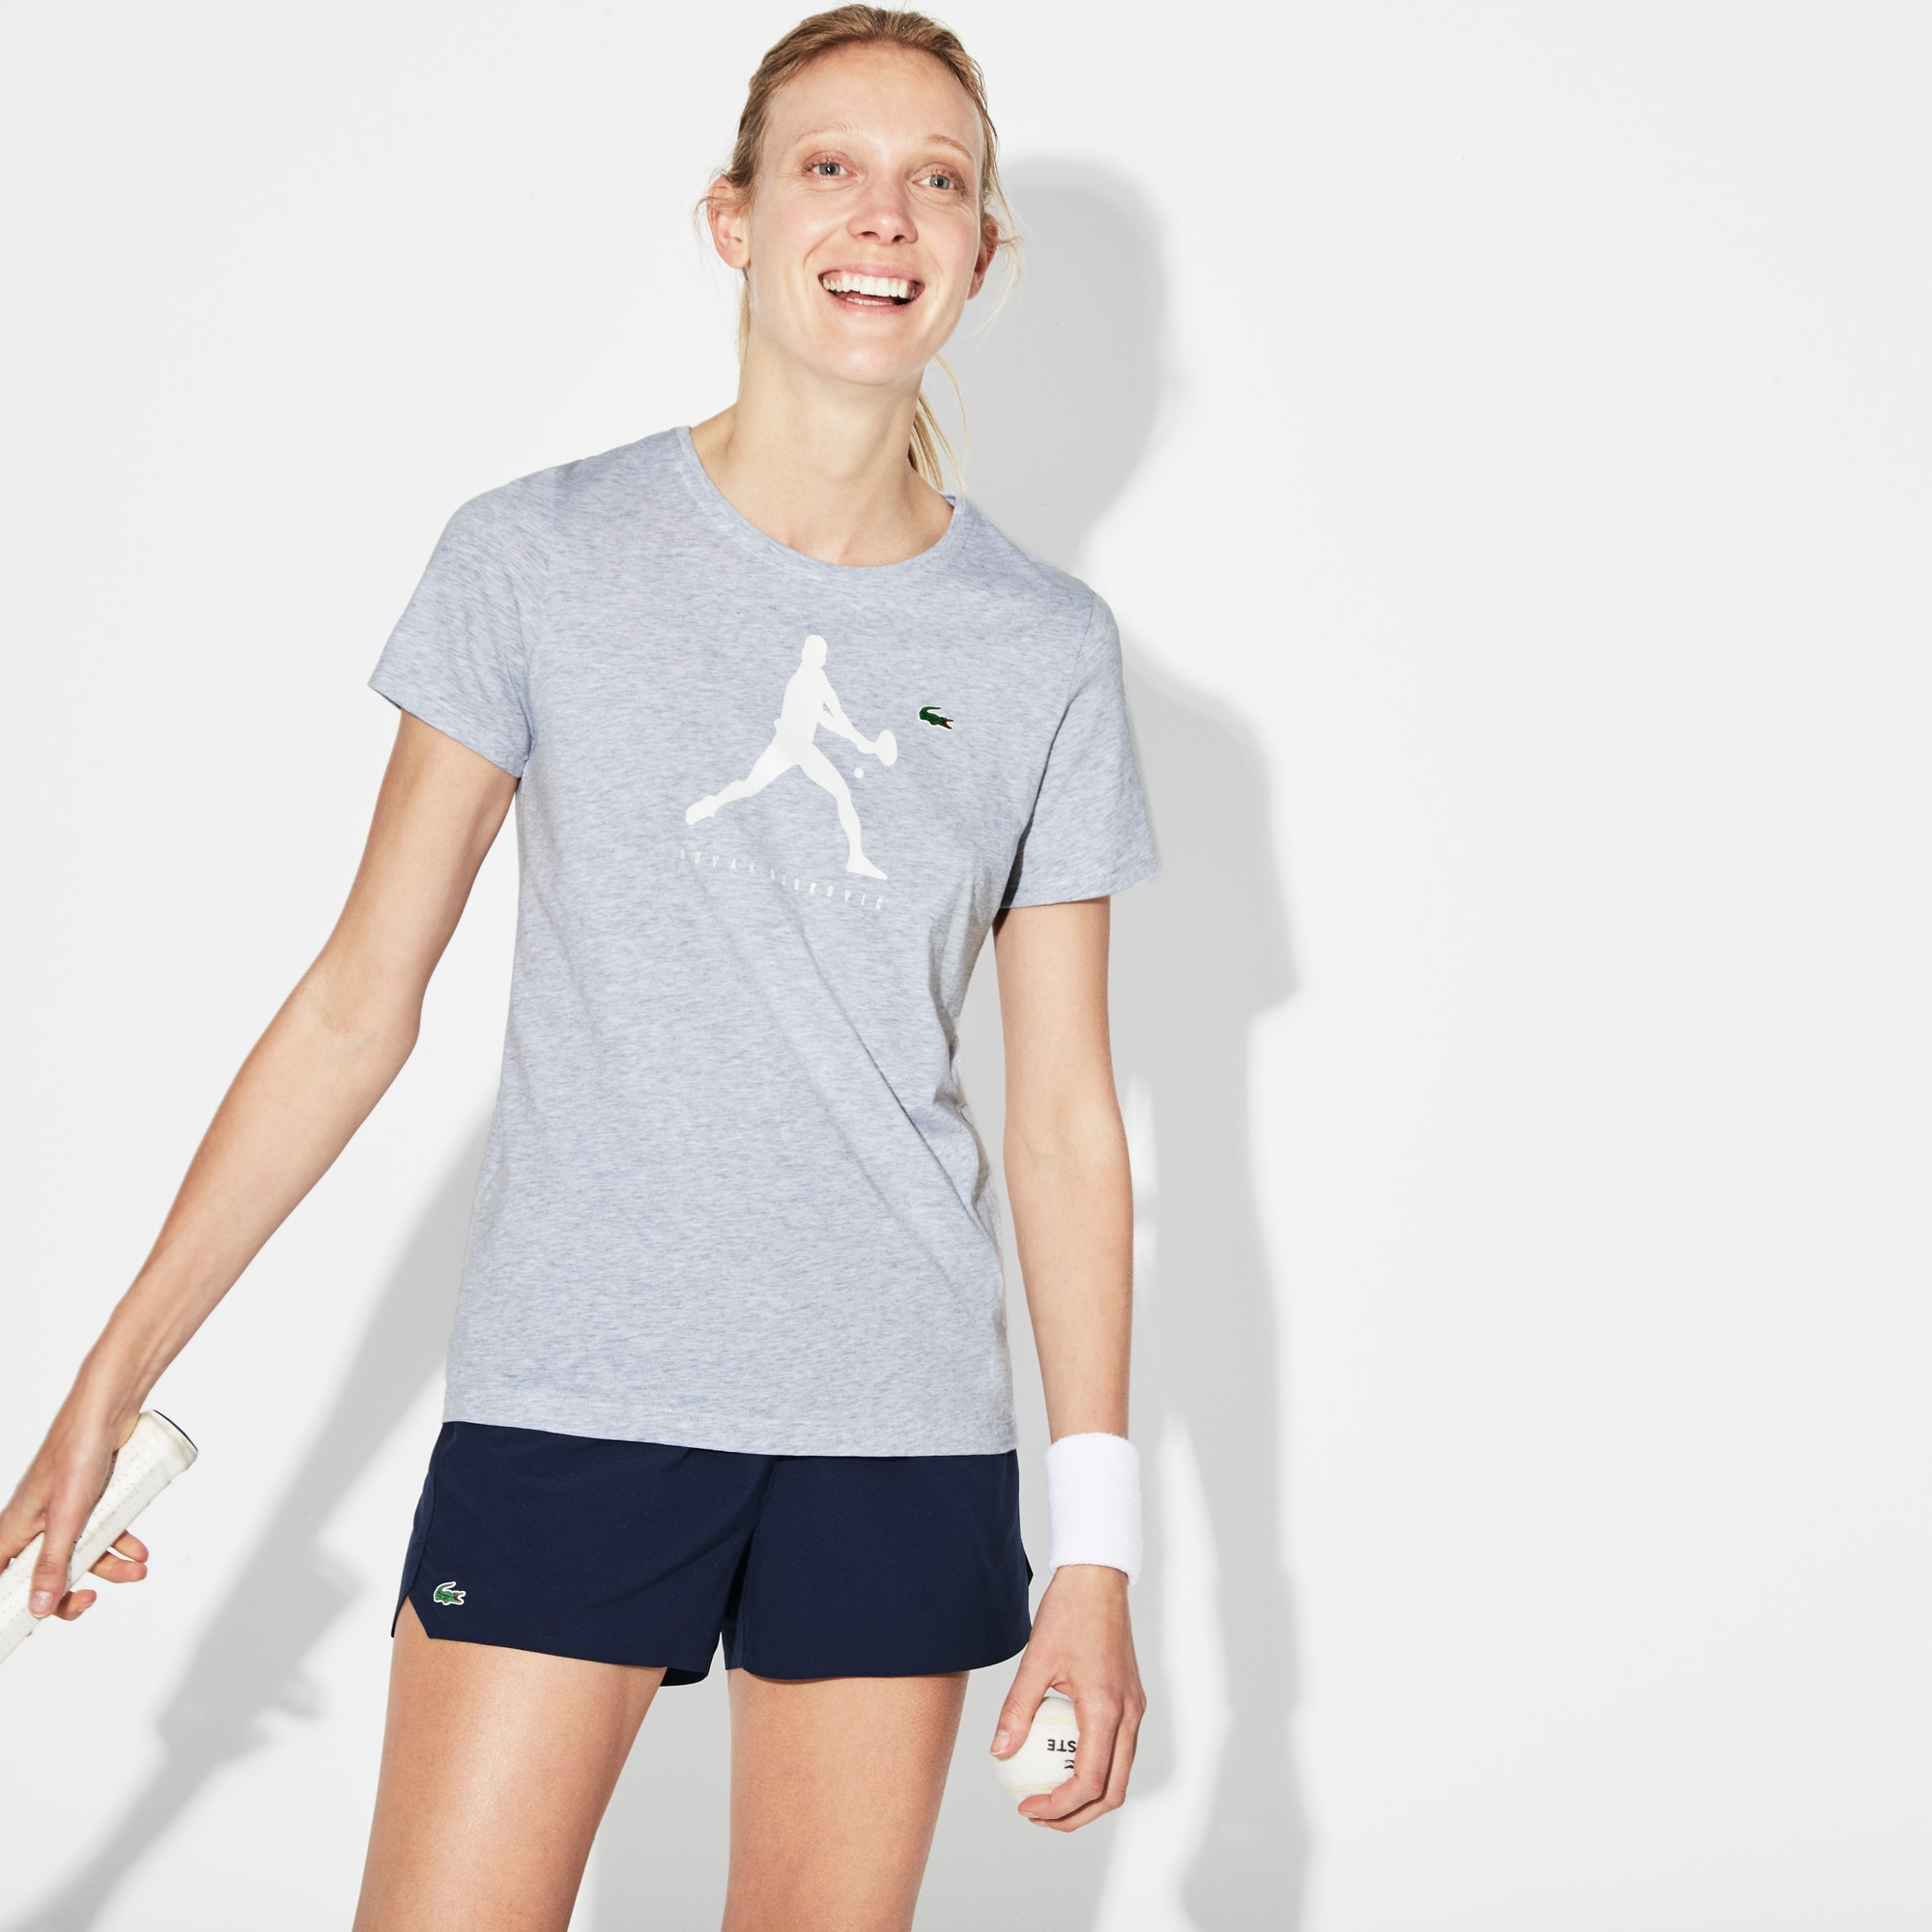 Damen-Rundhals-Shirt mit Aufdruck SPORT NOVAK DJOKOVIC Kollektion